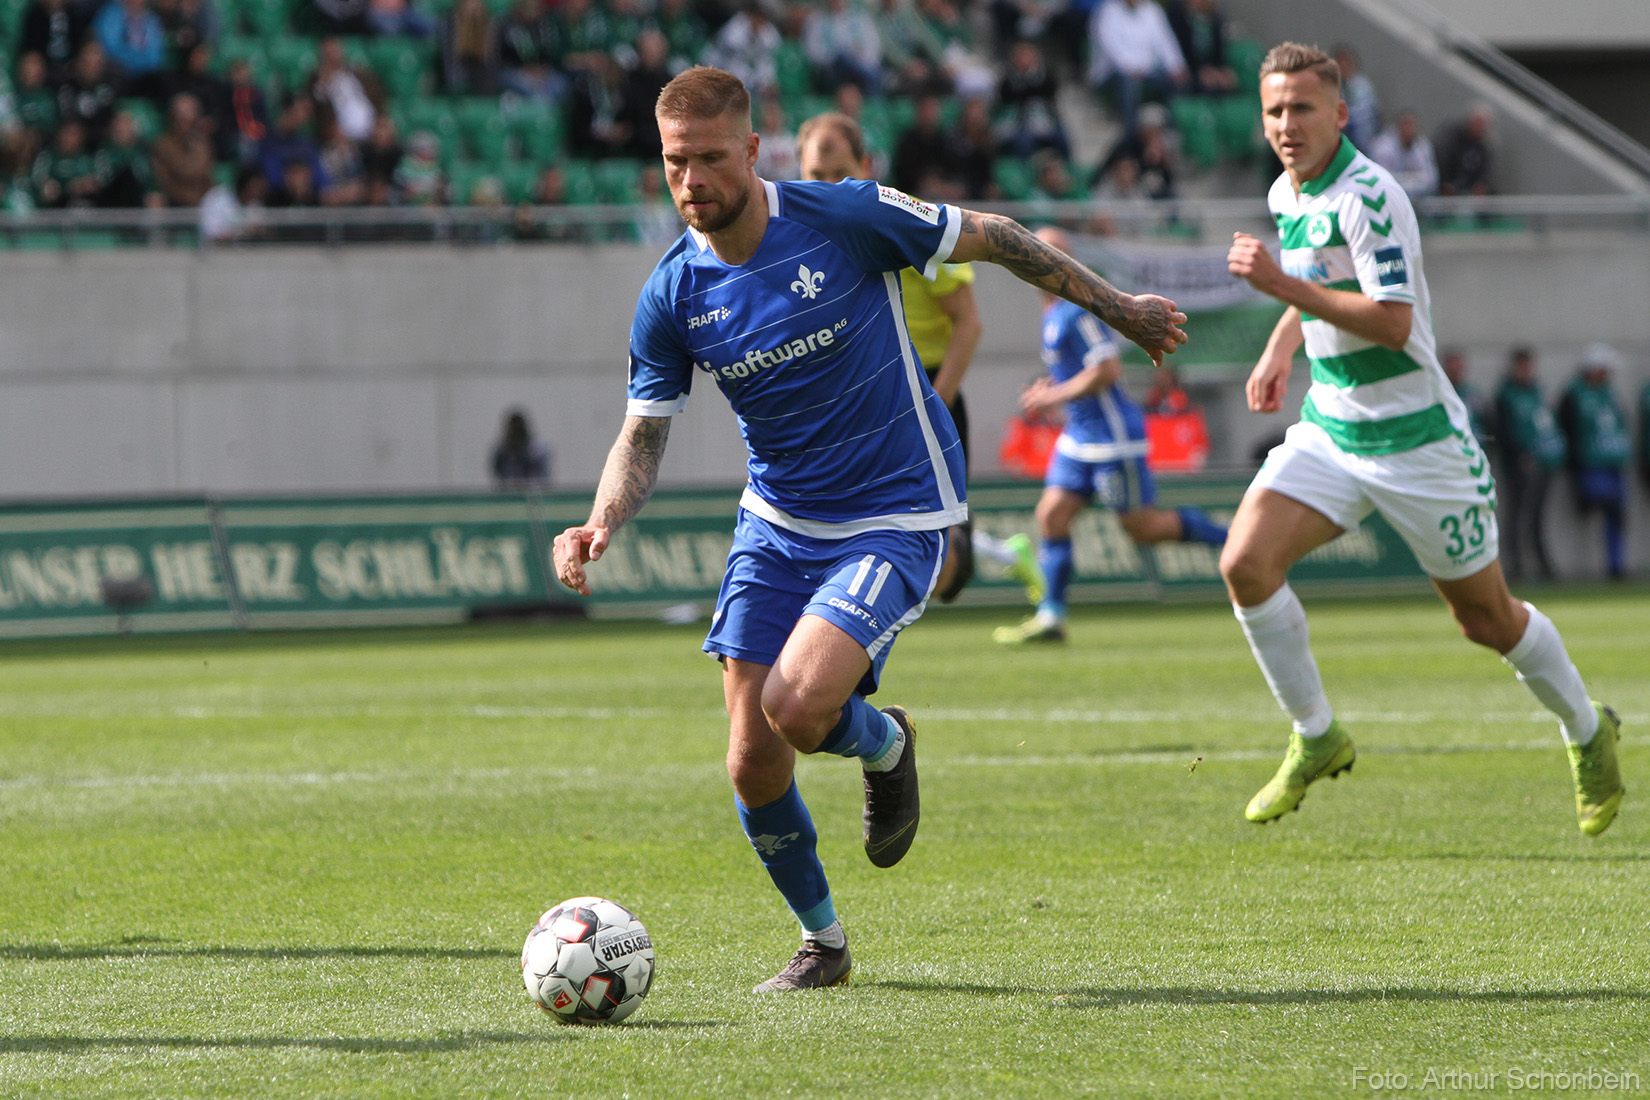 Letzte Saison bei der SpVgg Greuther Fürth